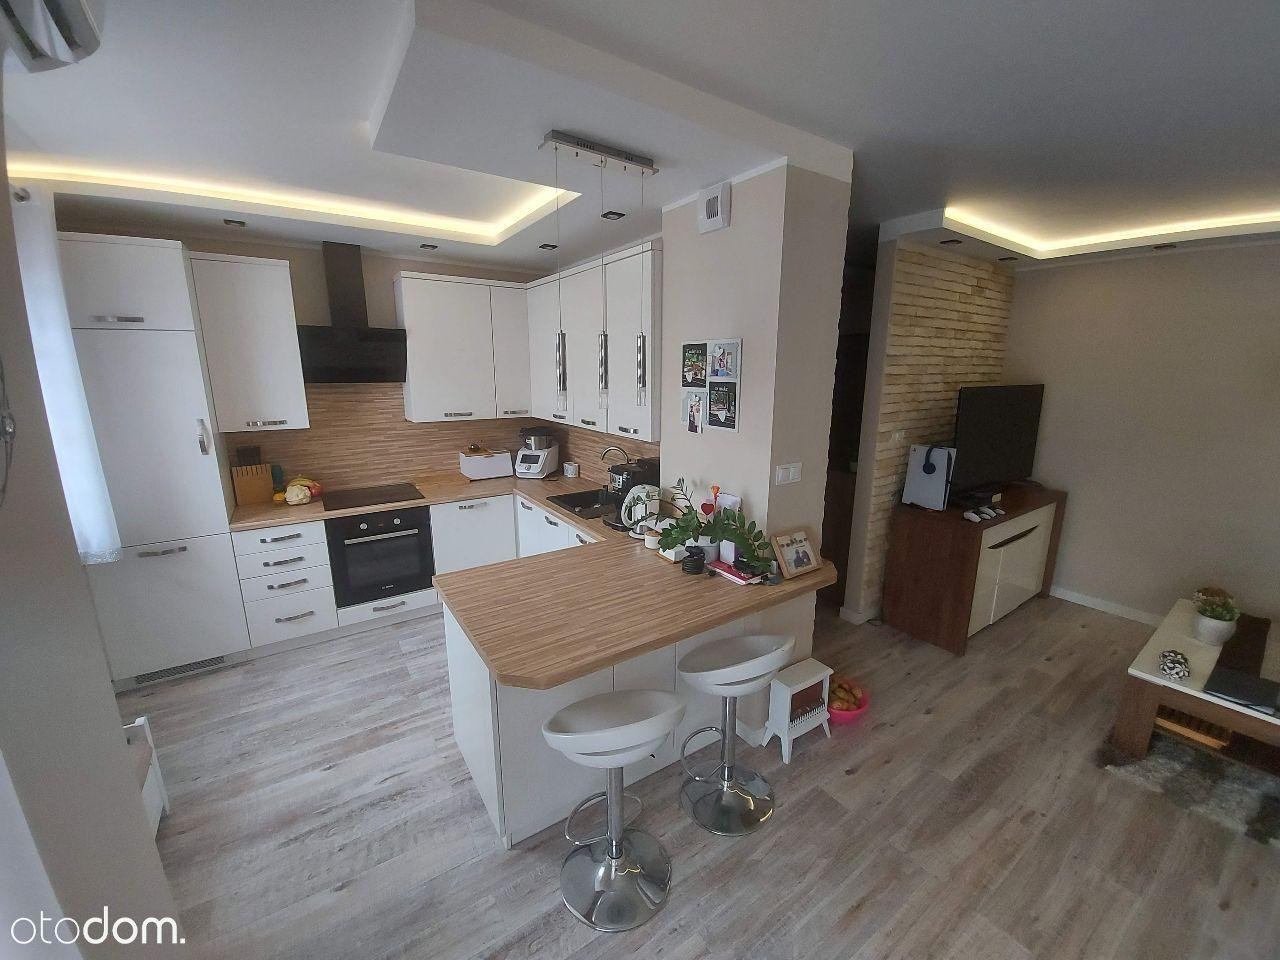 Mieszkanie 2 pokojowe 46m2 klima ul. Iwaszkiewicza